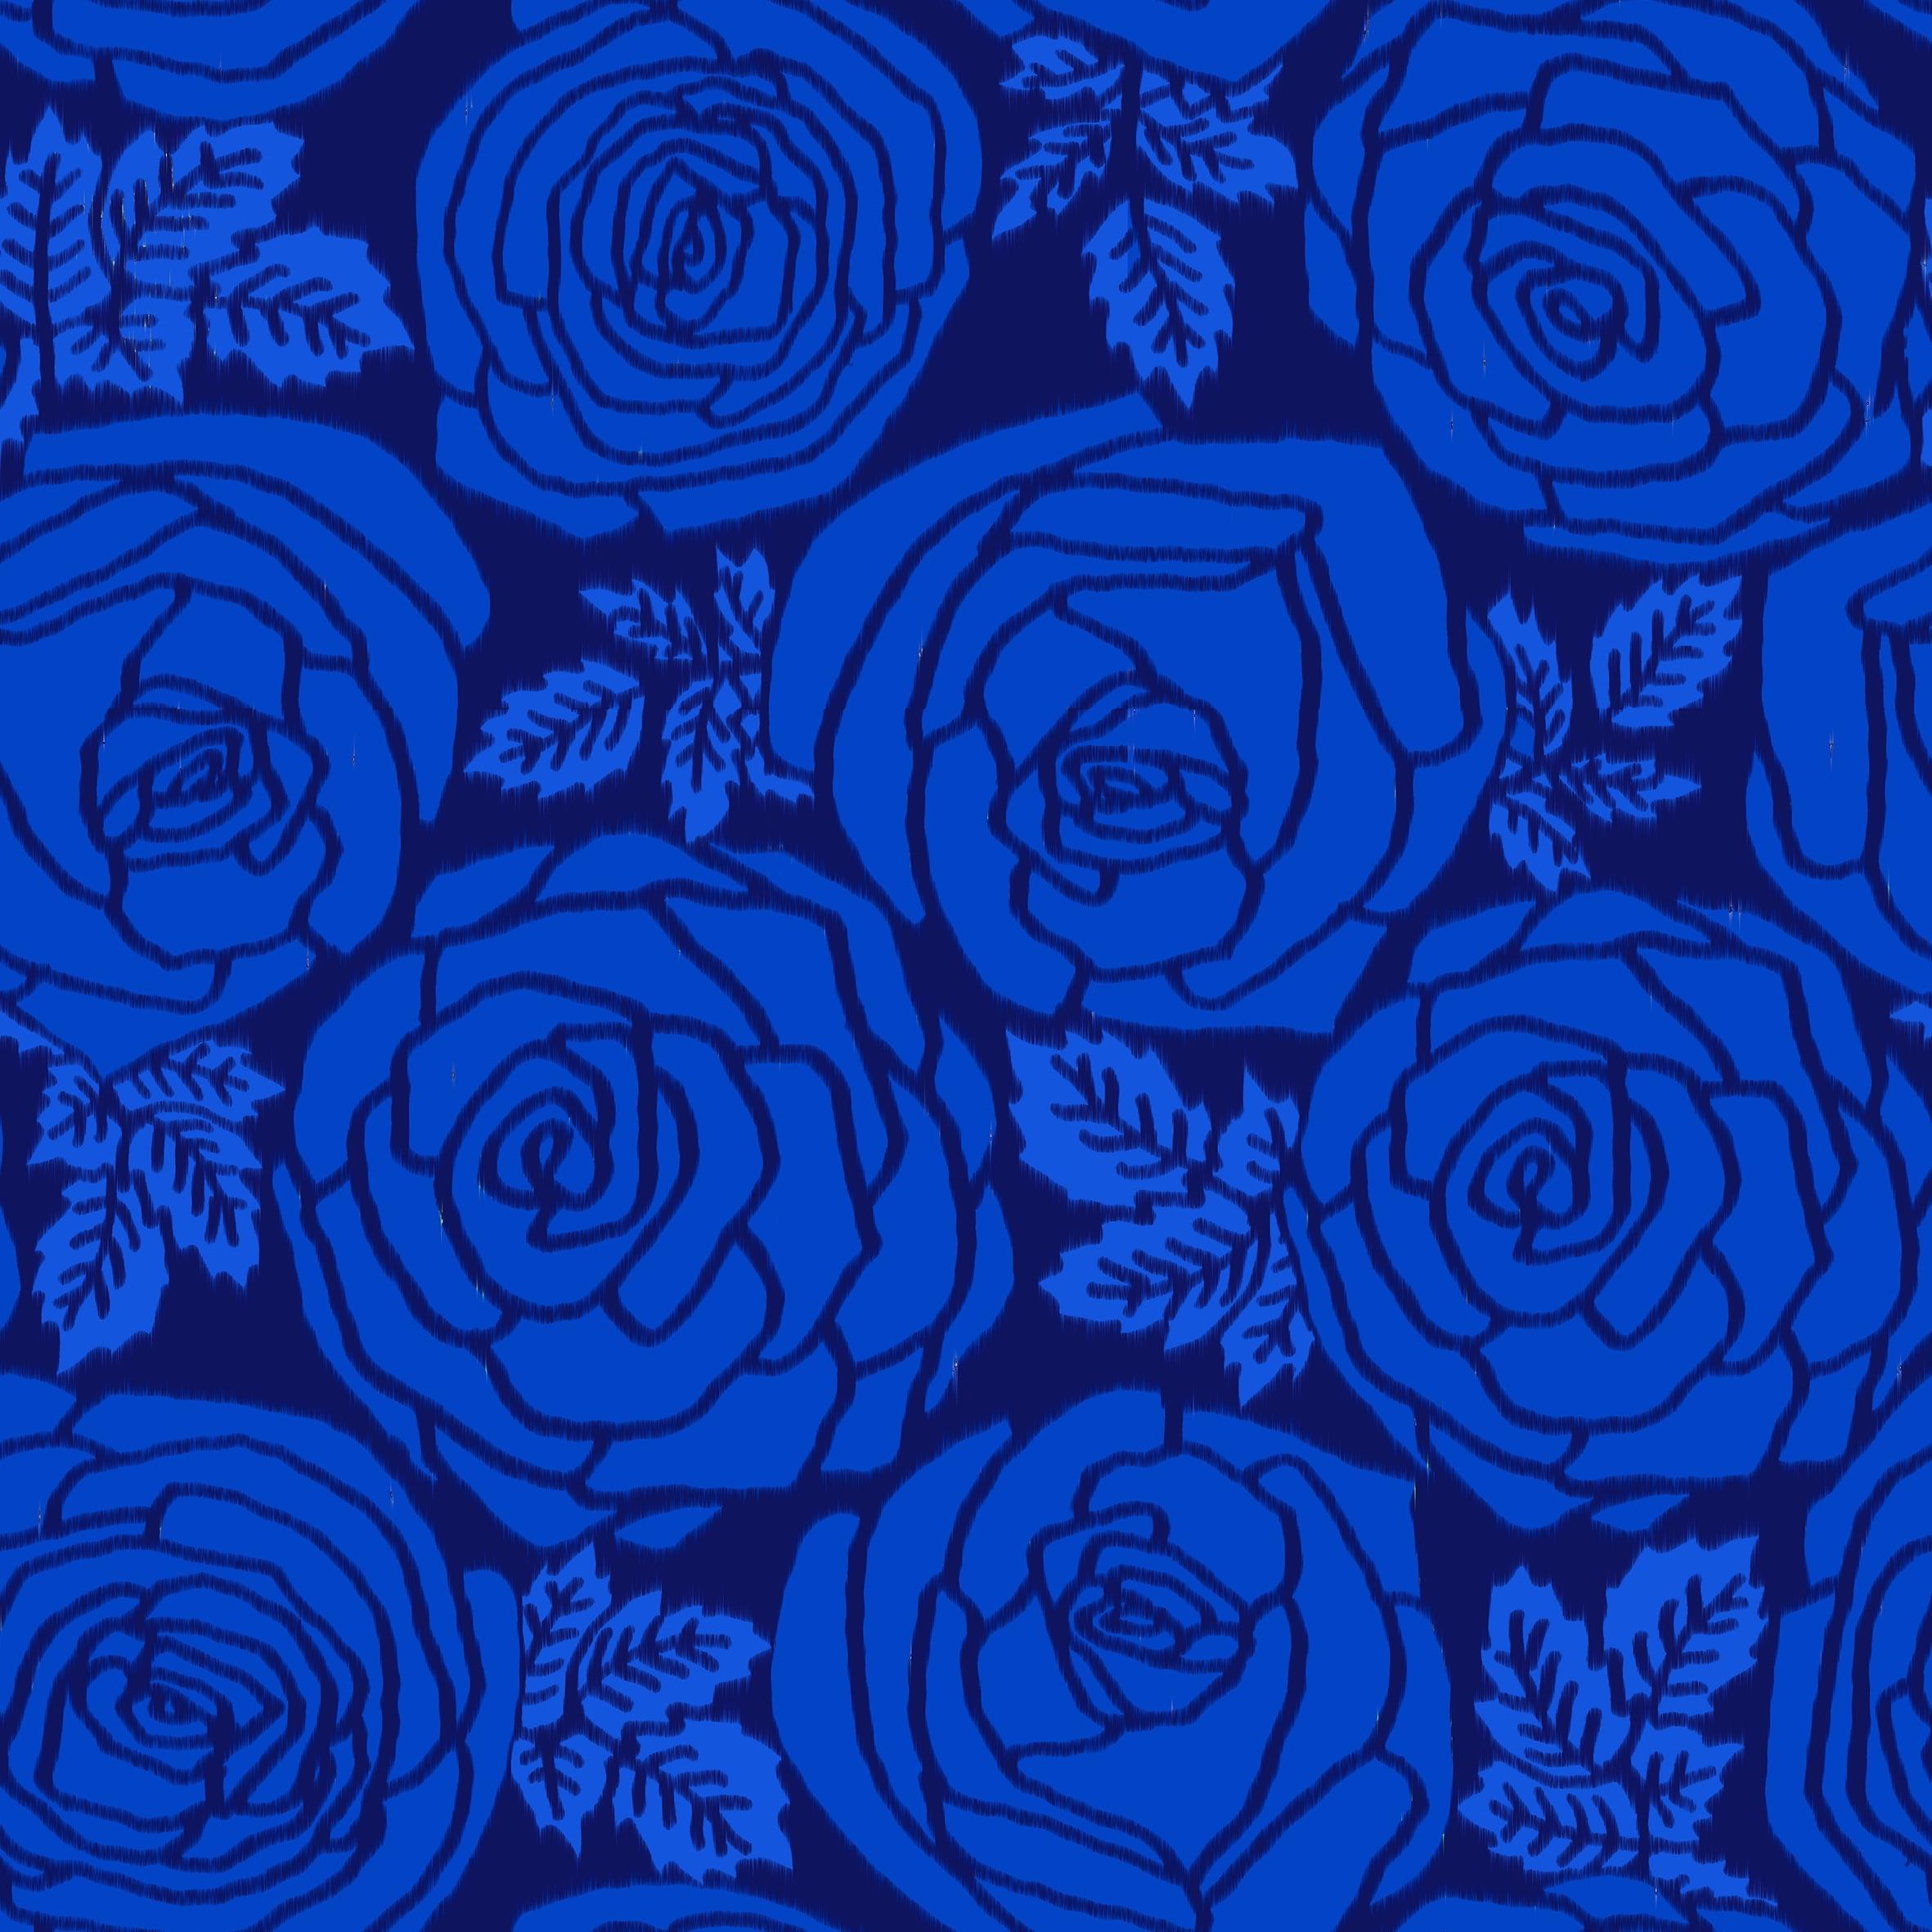 ASHLEYCHASE ROSE PRINT.jpg